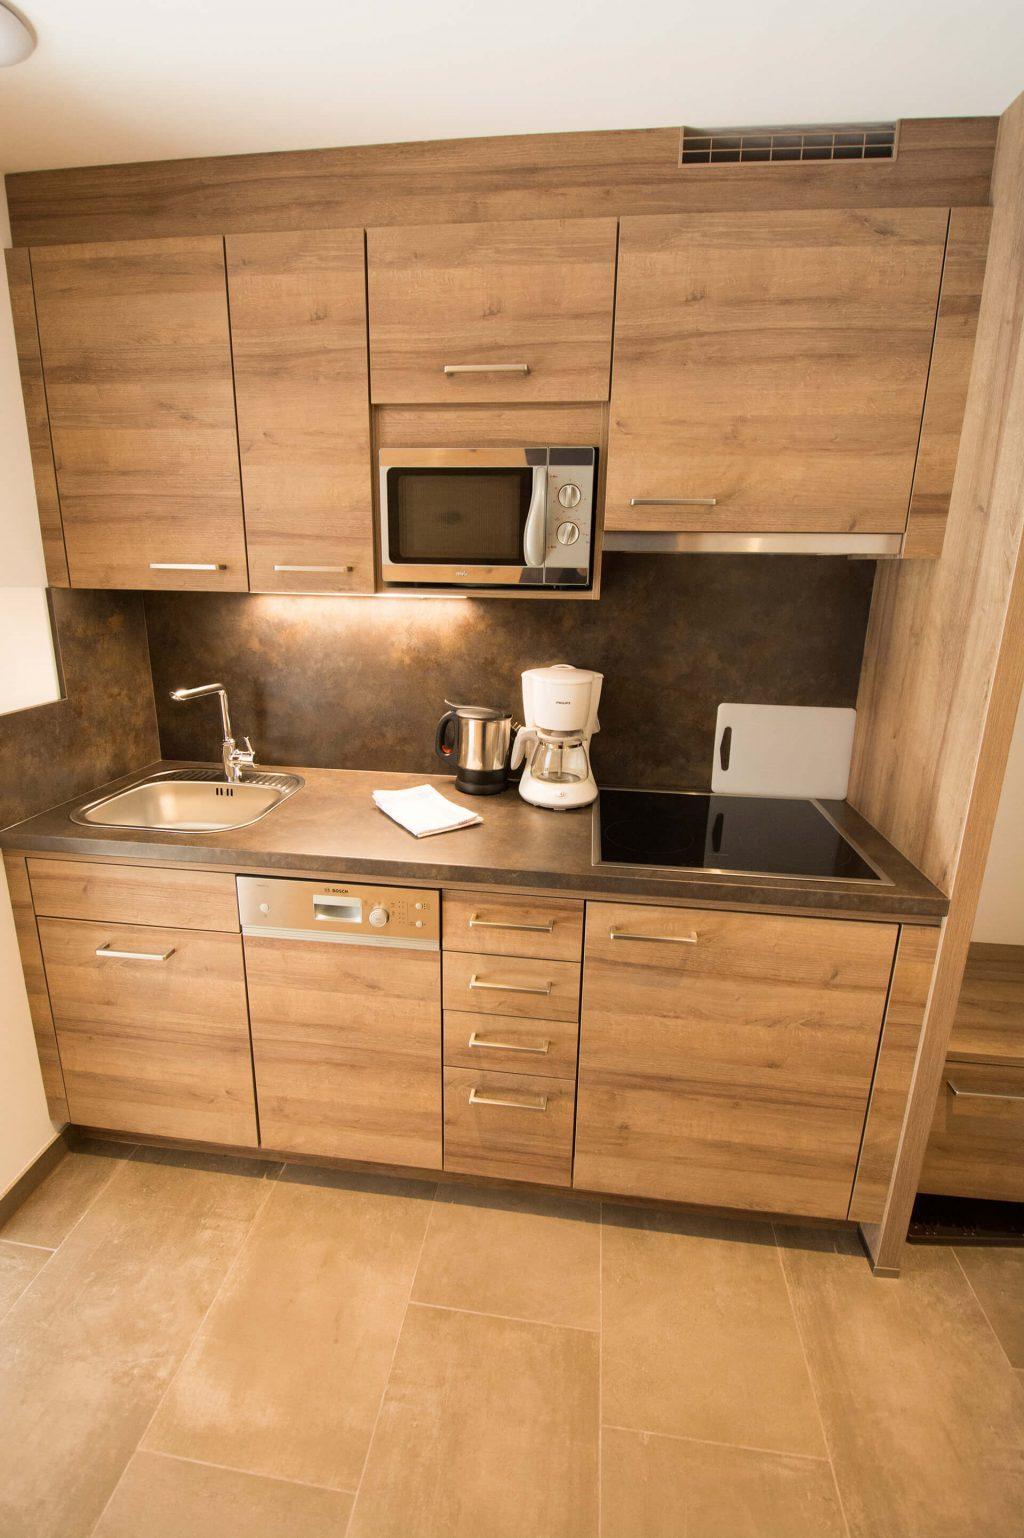 Eine Küche ausgestattet mit Herd, Mikrowelle, Geschirrspüler und Waschbecken